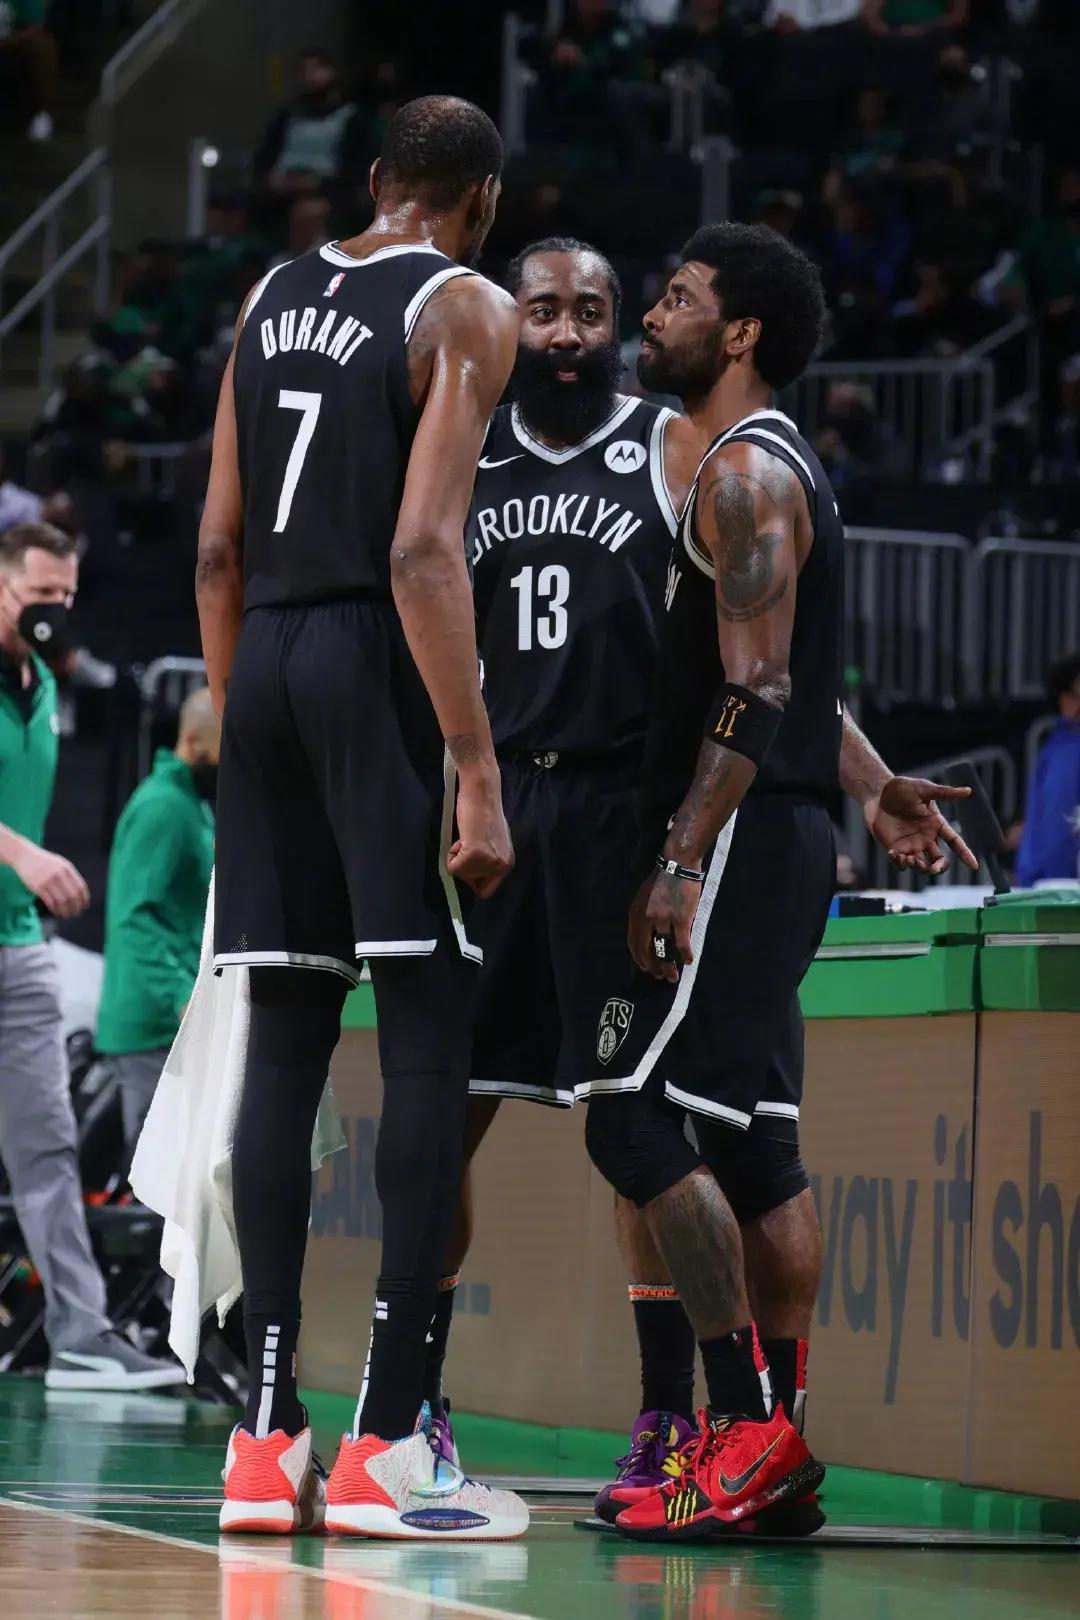 NBA :杜兰特职业生涯单赛季荣誉一览,基本上那个赛季都有荣誉进账